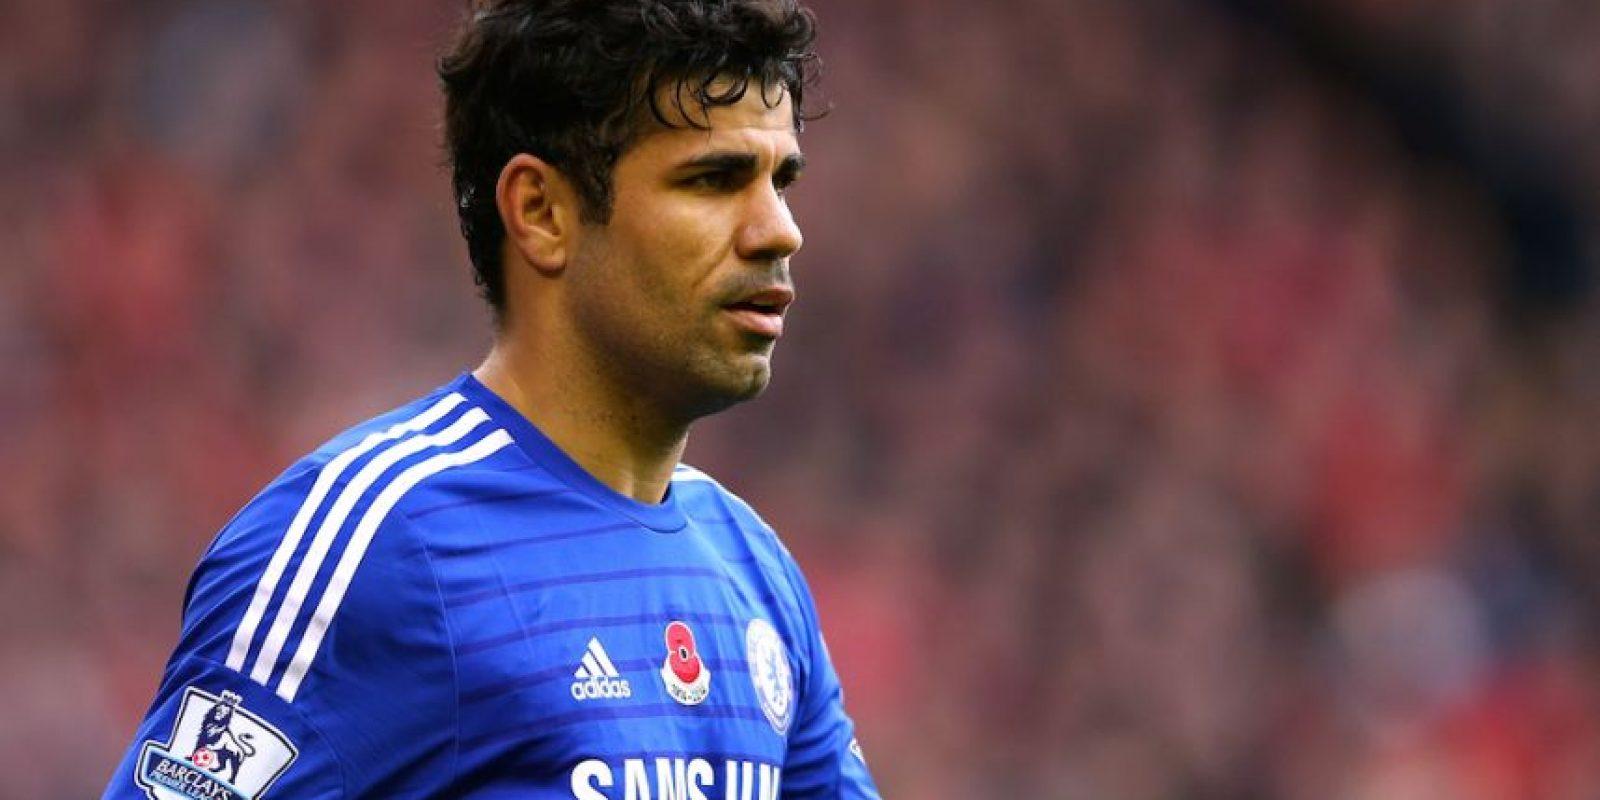 El español de 26 años era jugador del Atlético de Madrid de España hasta que llegó al Chelsea de Inglaterra. Foto:Getty Images